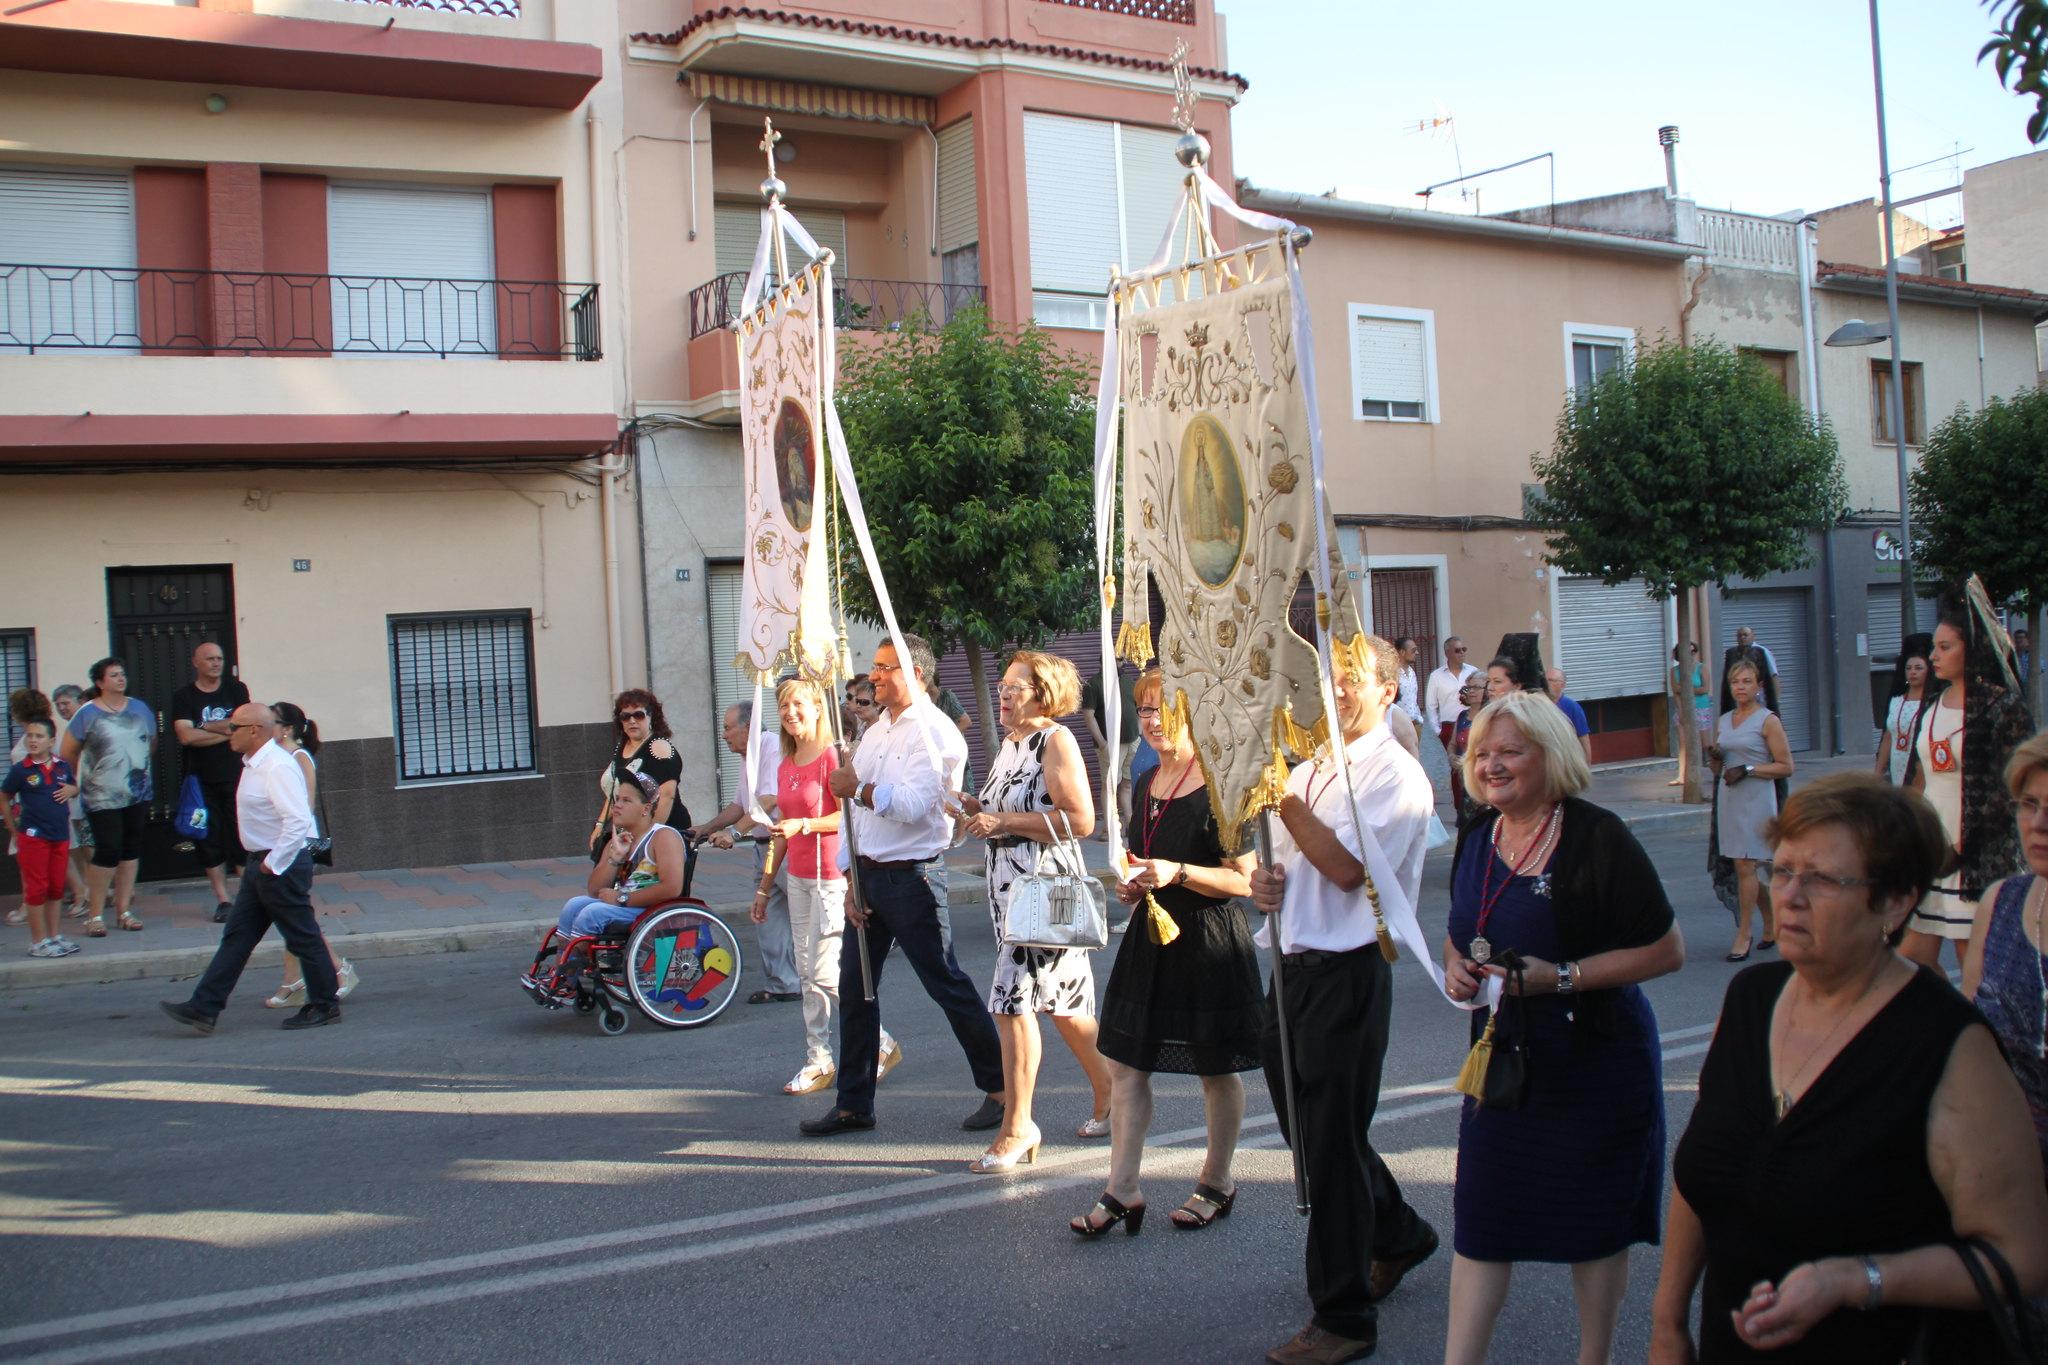 (2015-07-12) - Virgen del Carmen, parroquia La Santa Cruz - Javier Romero Ripoll (21)